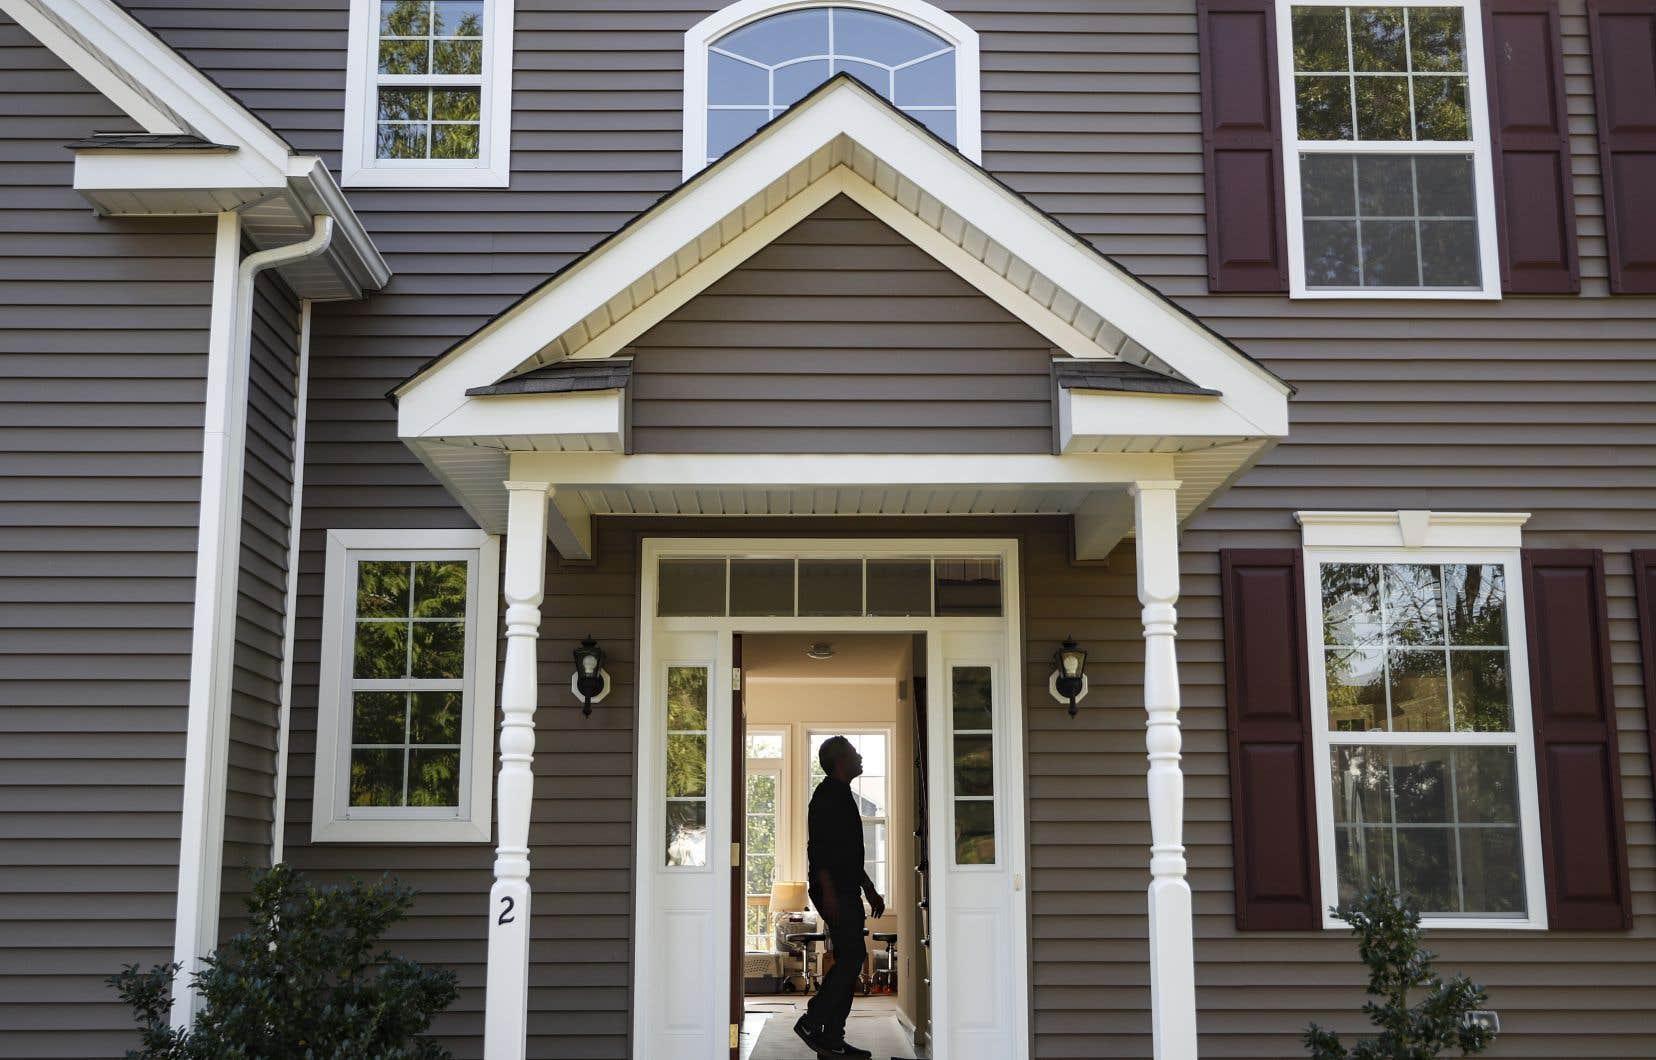 L'inflation annuelle s'est établie à 1,0% en novembre, sous l'effet d'une hausse des prix des habitations, des loyers et des biens pour la maison.